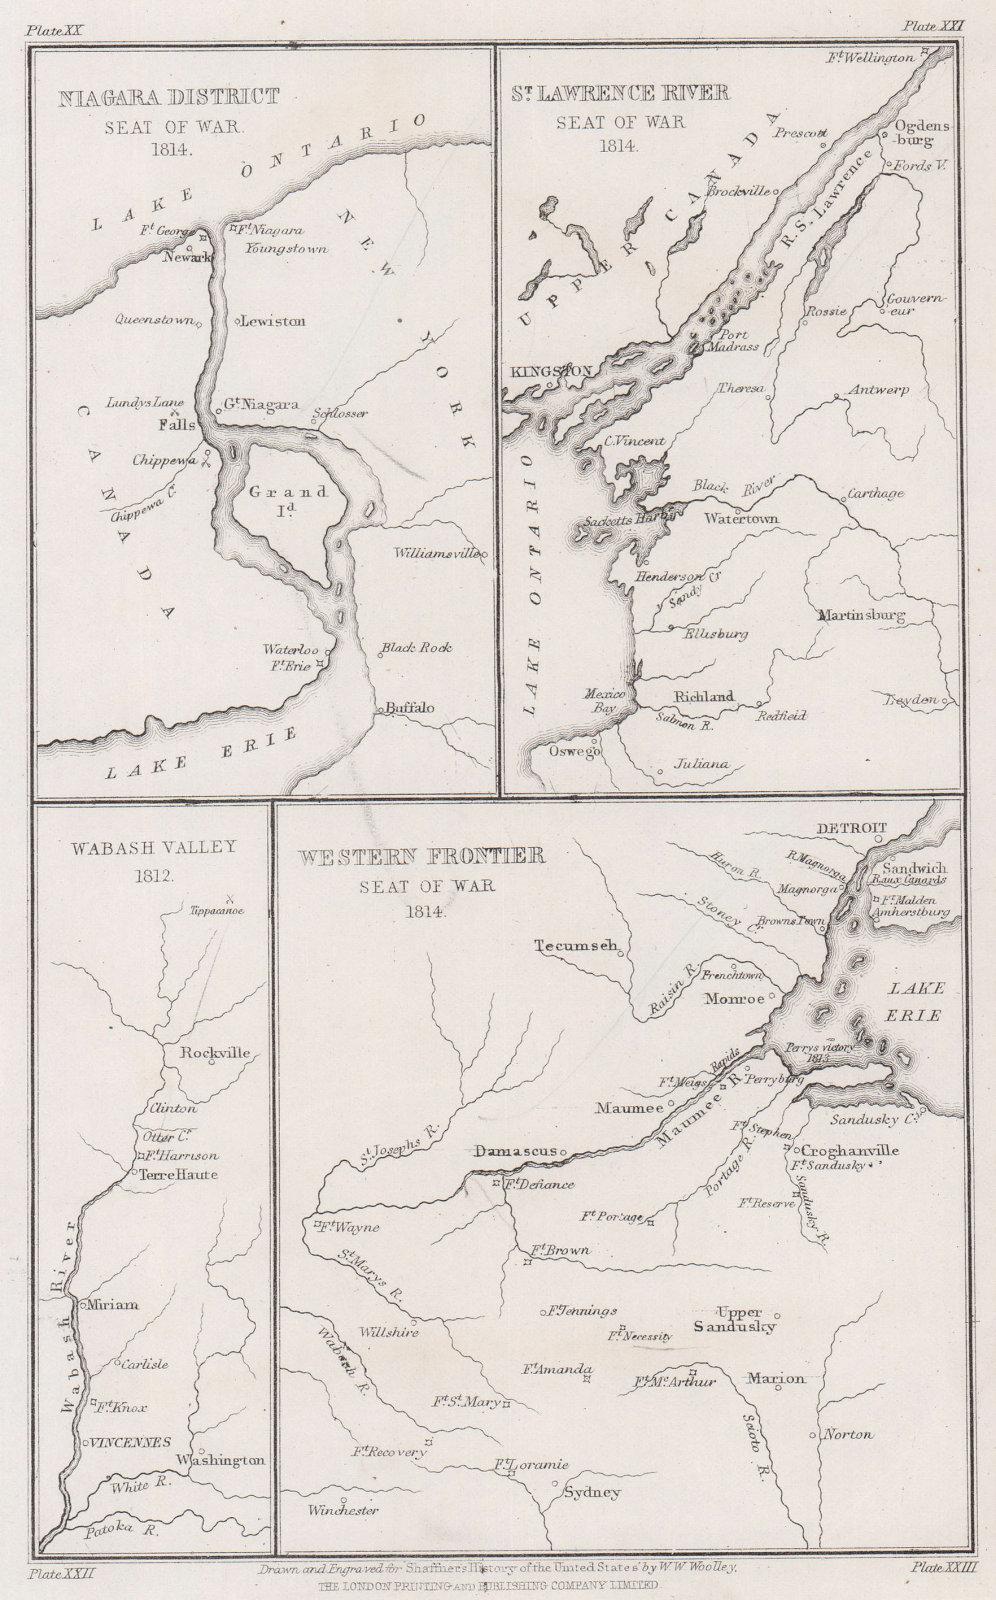 War of 1812. Niagara, Lake Erie, St. Lawrence 1814. Wabash Valley 1812 1863 map